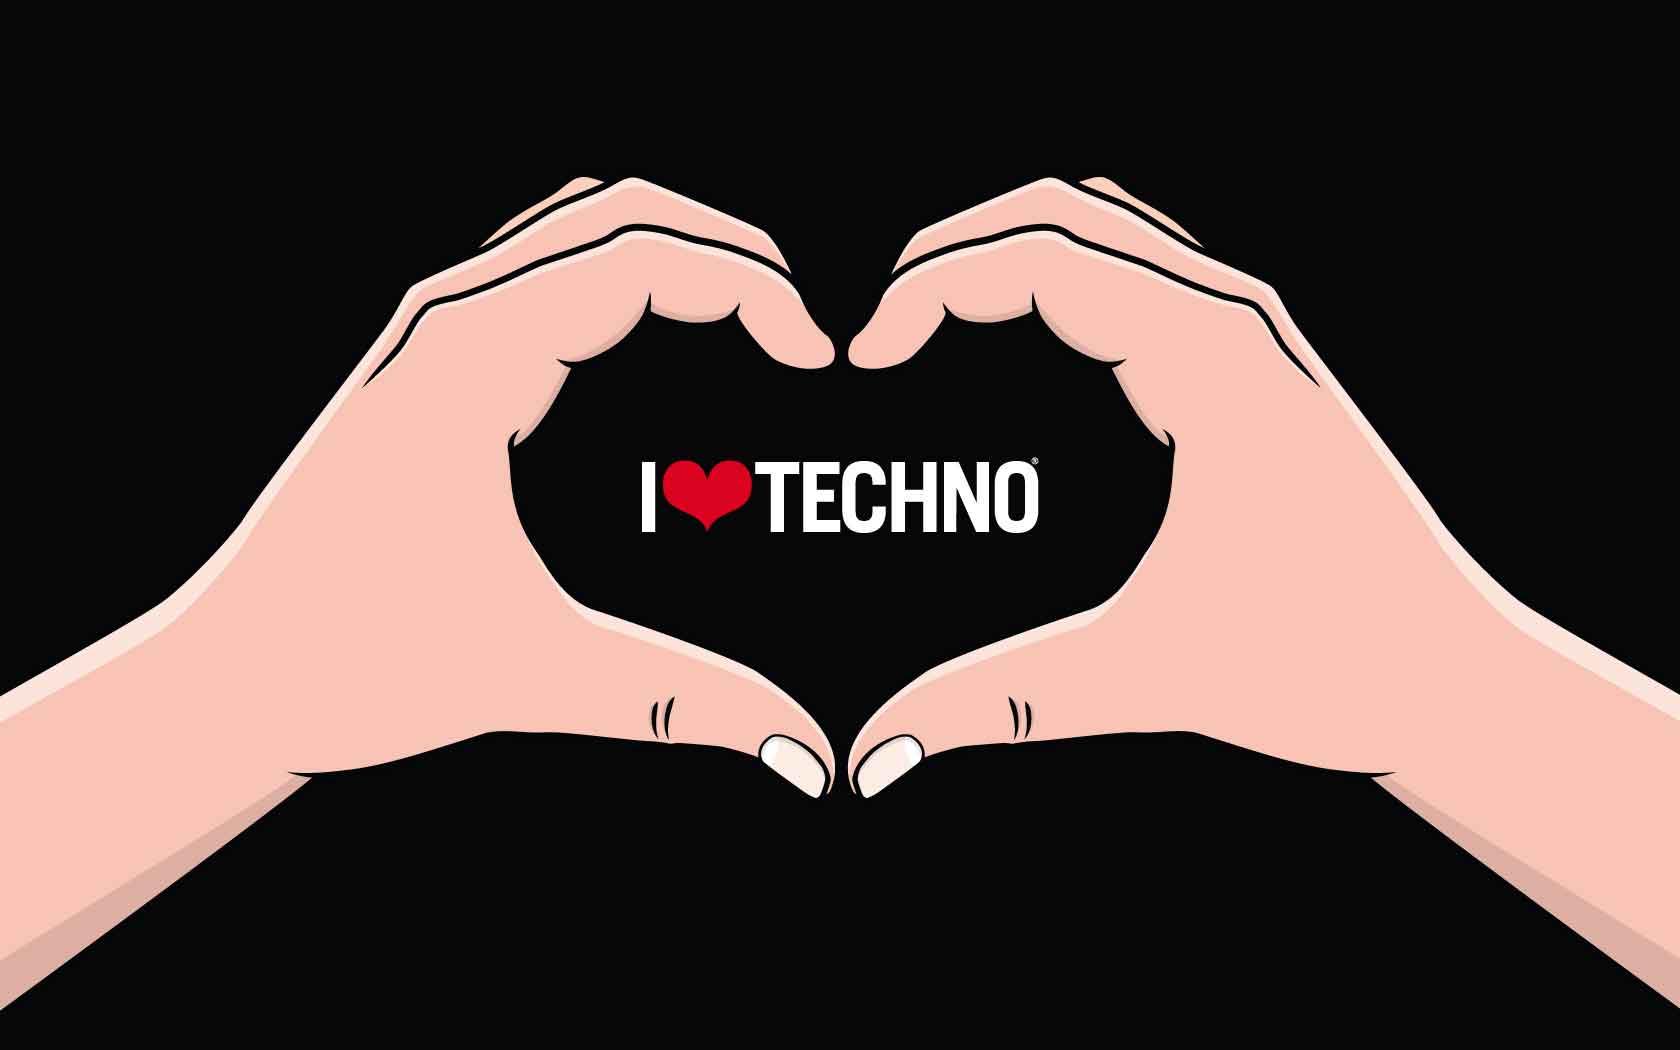 Koelcontainerhuren.eu op I Love Techno voor de verhuur van koelcontainers